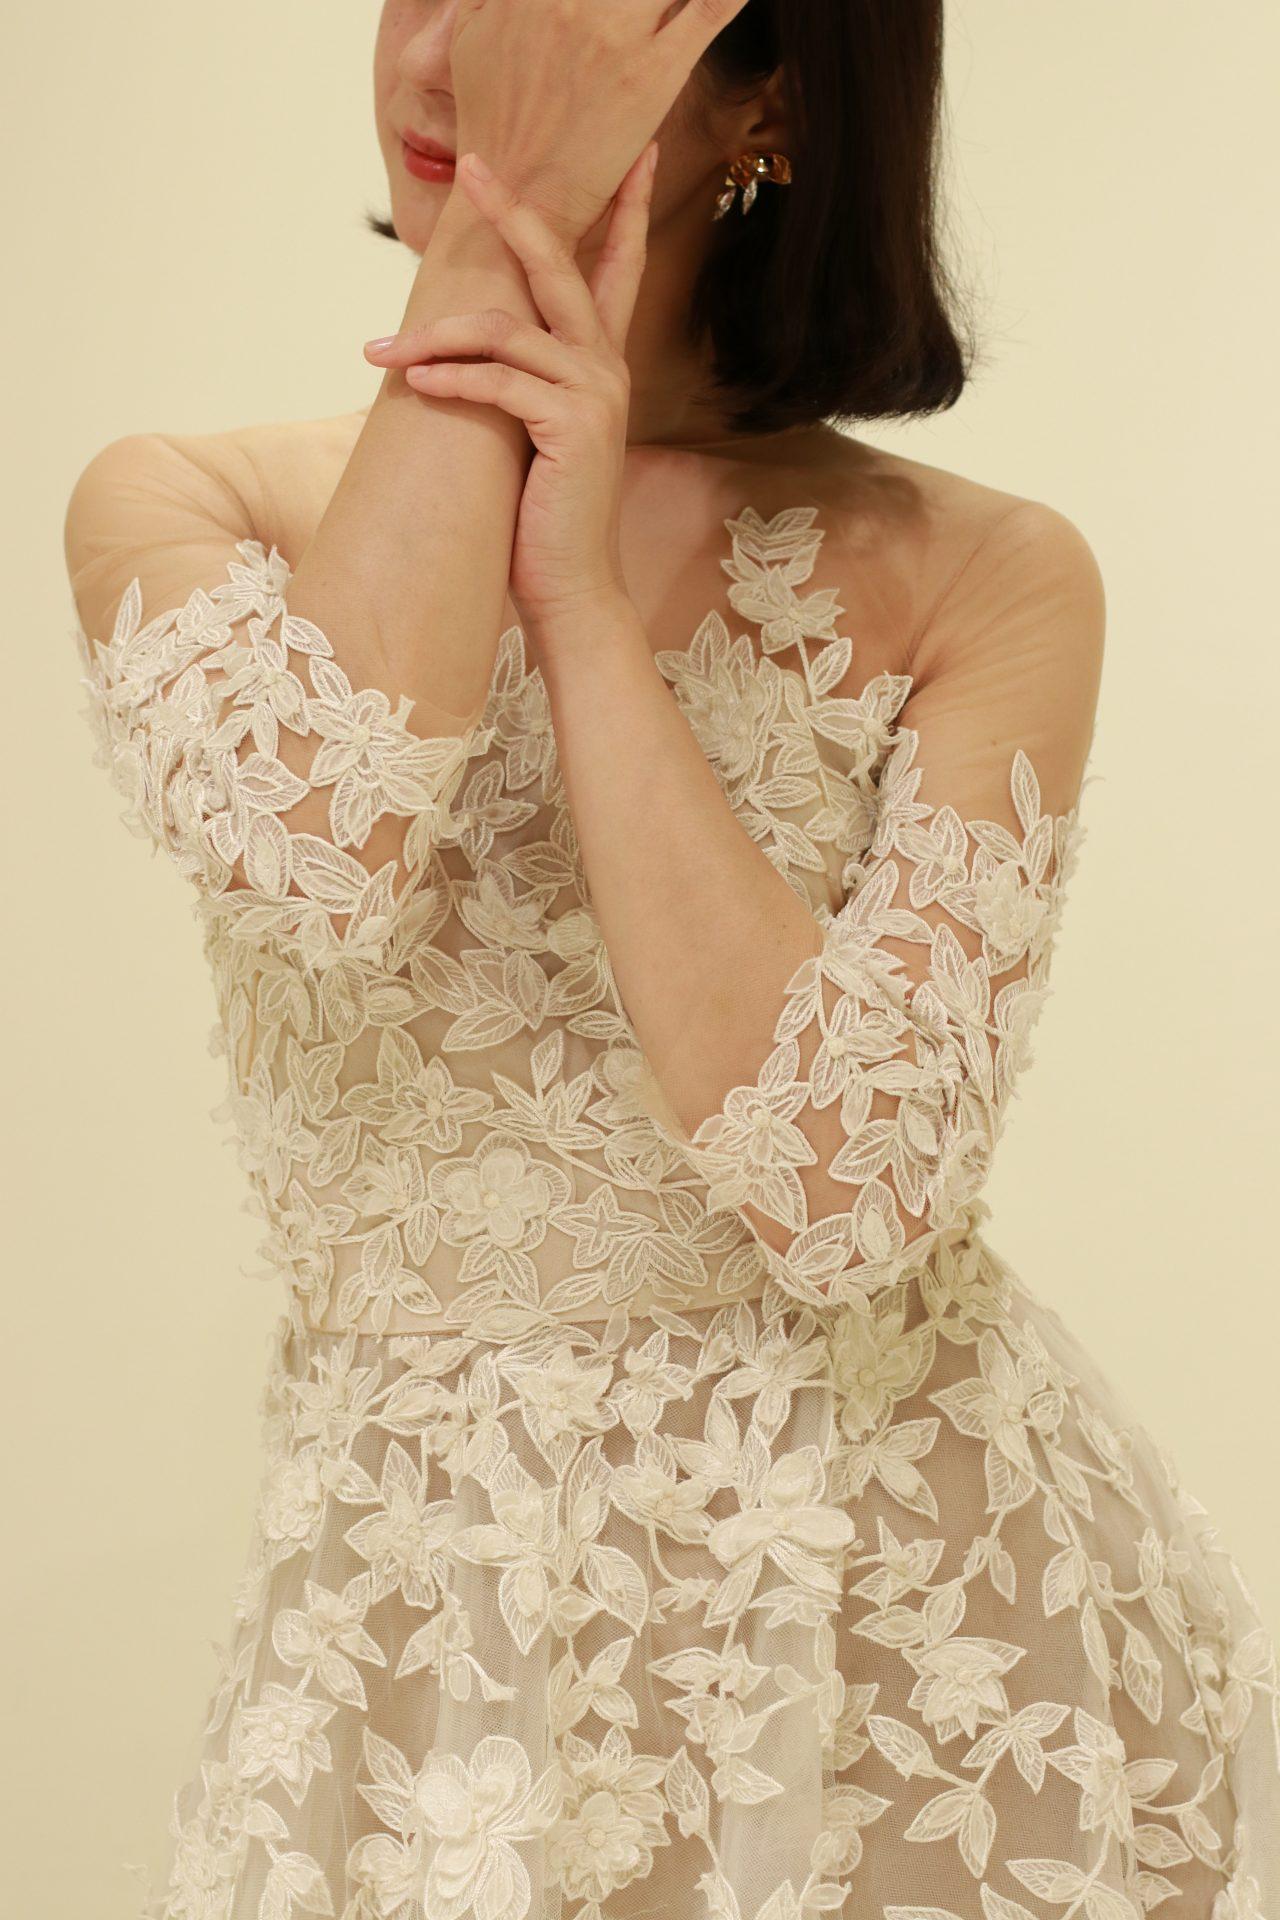 日本人女性の肌をワントーン明るく綺麗に見せるのは、肌なじみの良いベージュ調の色味がかったウェディングドレスです